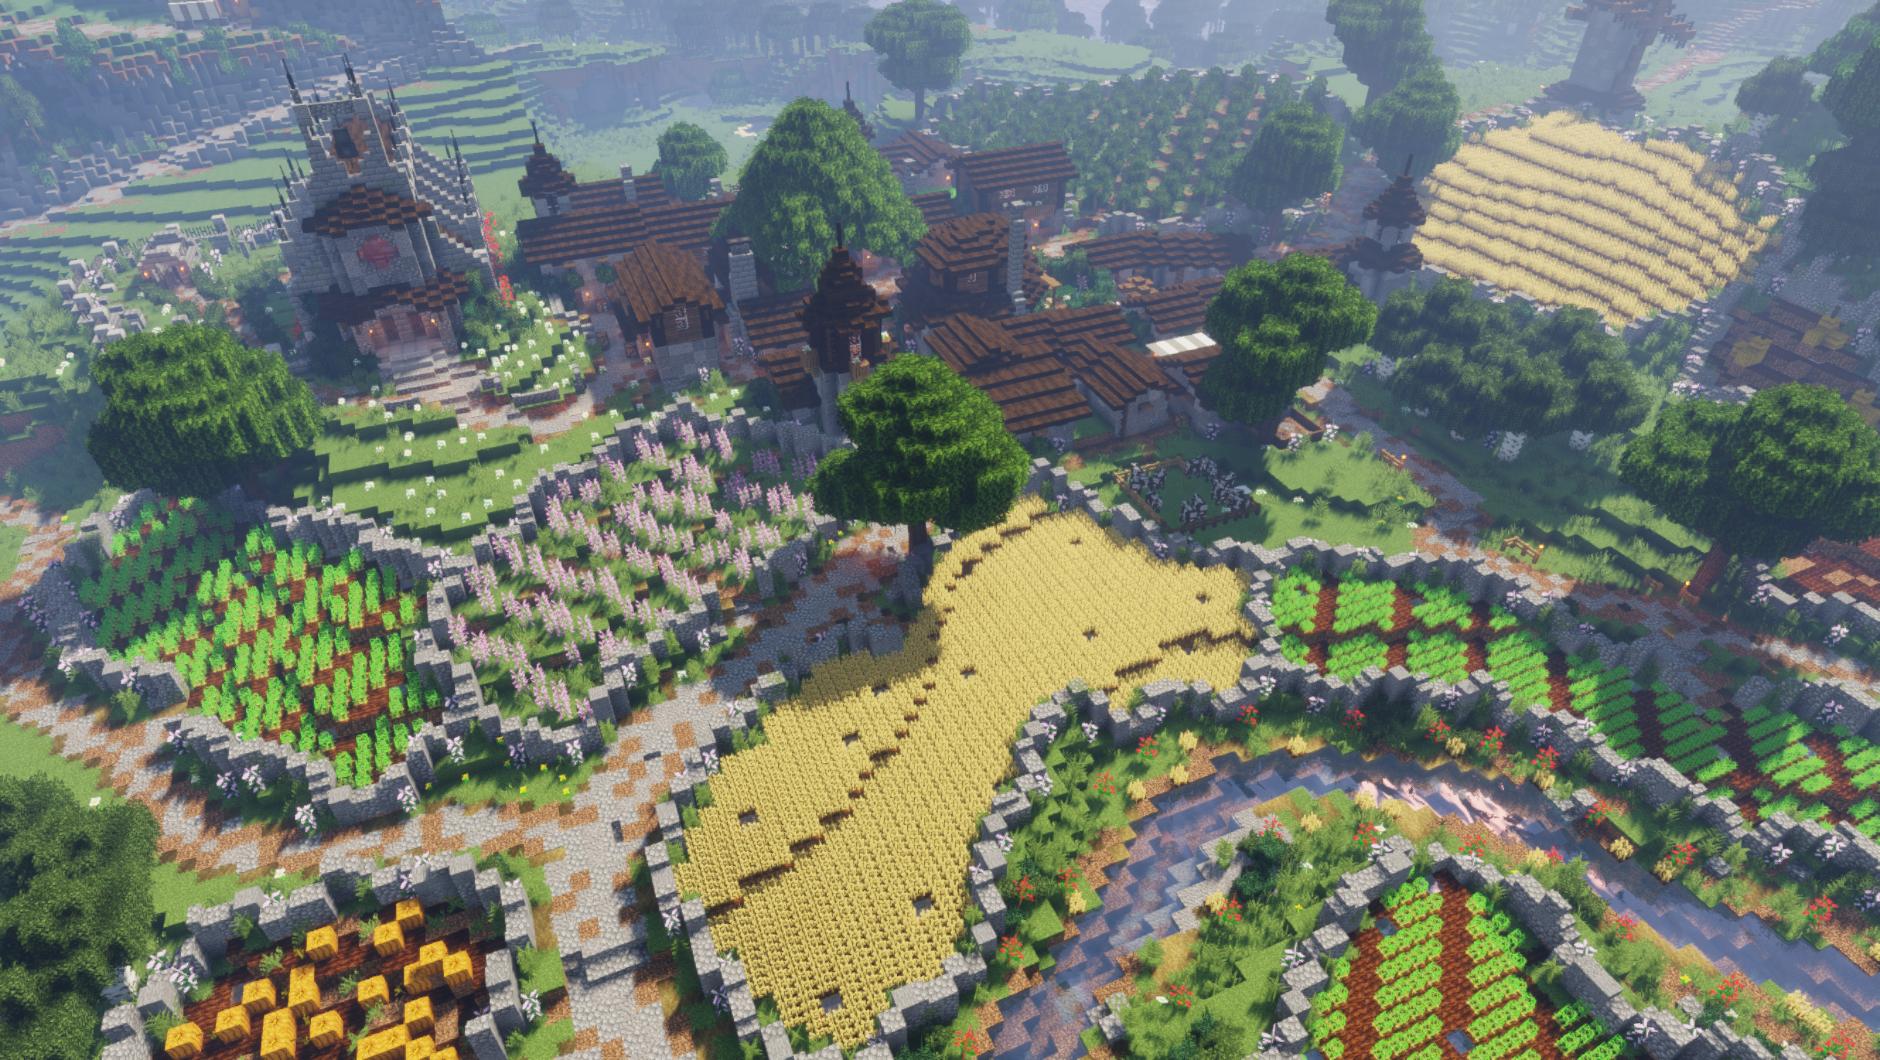 Whiteglen  My Vanilla Survival Minecraft Village Remake        Youtube Com  C  Fwhip  With